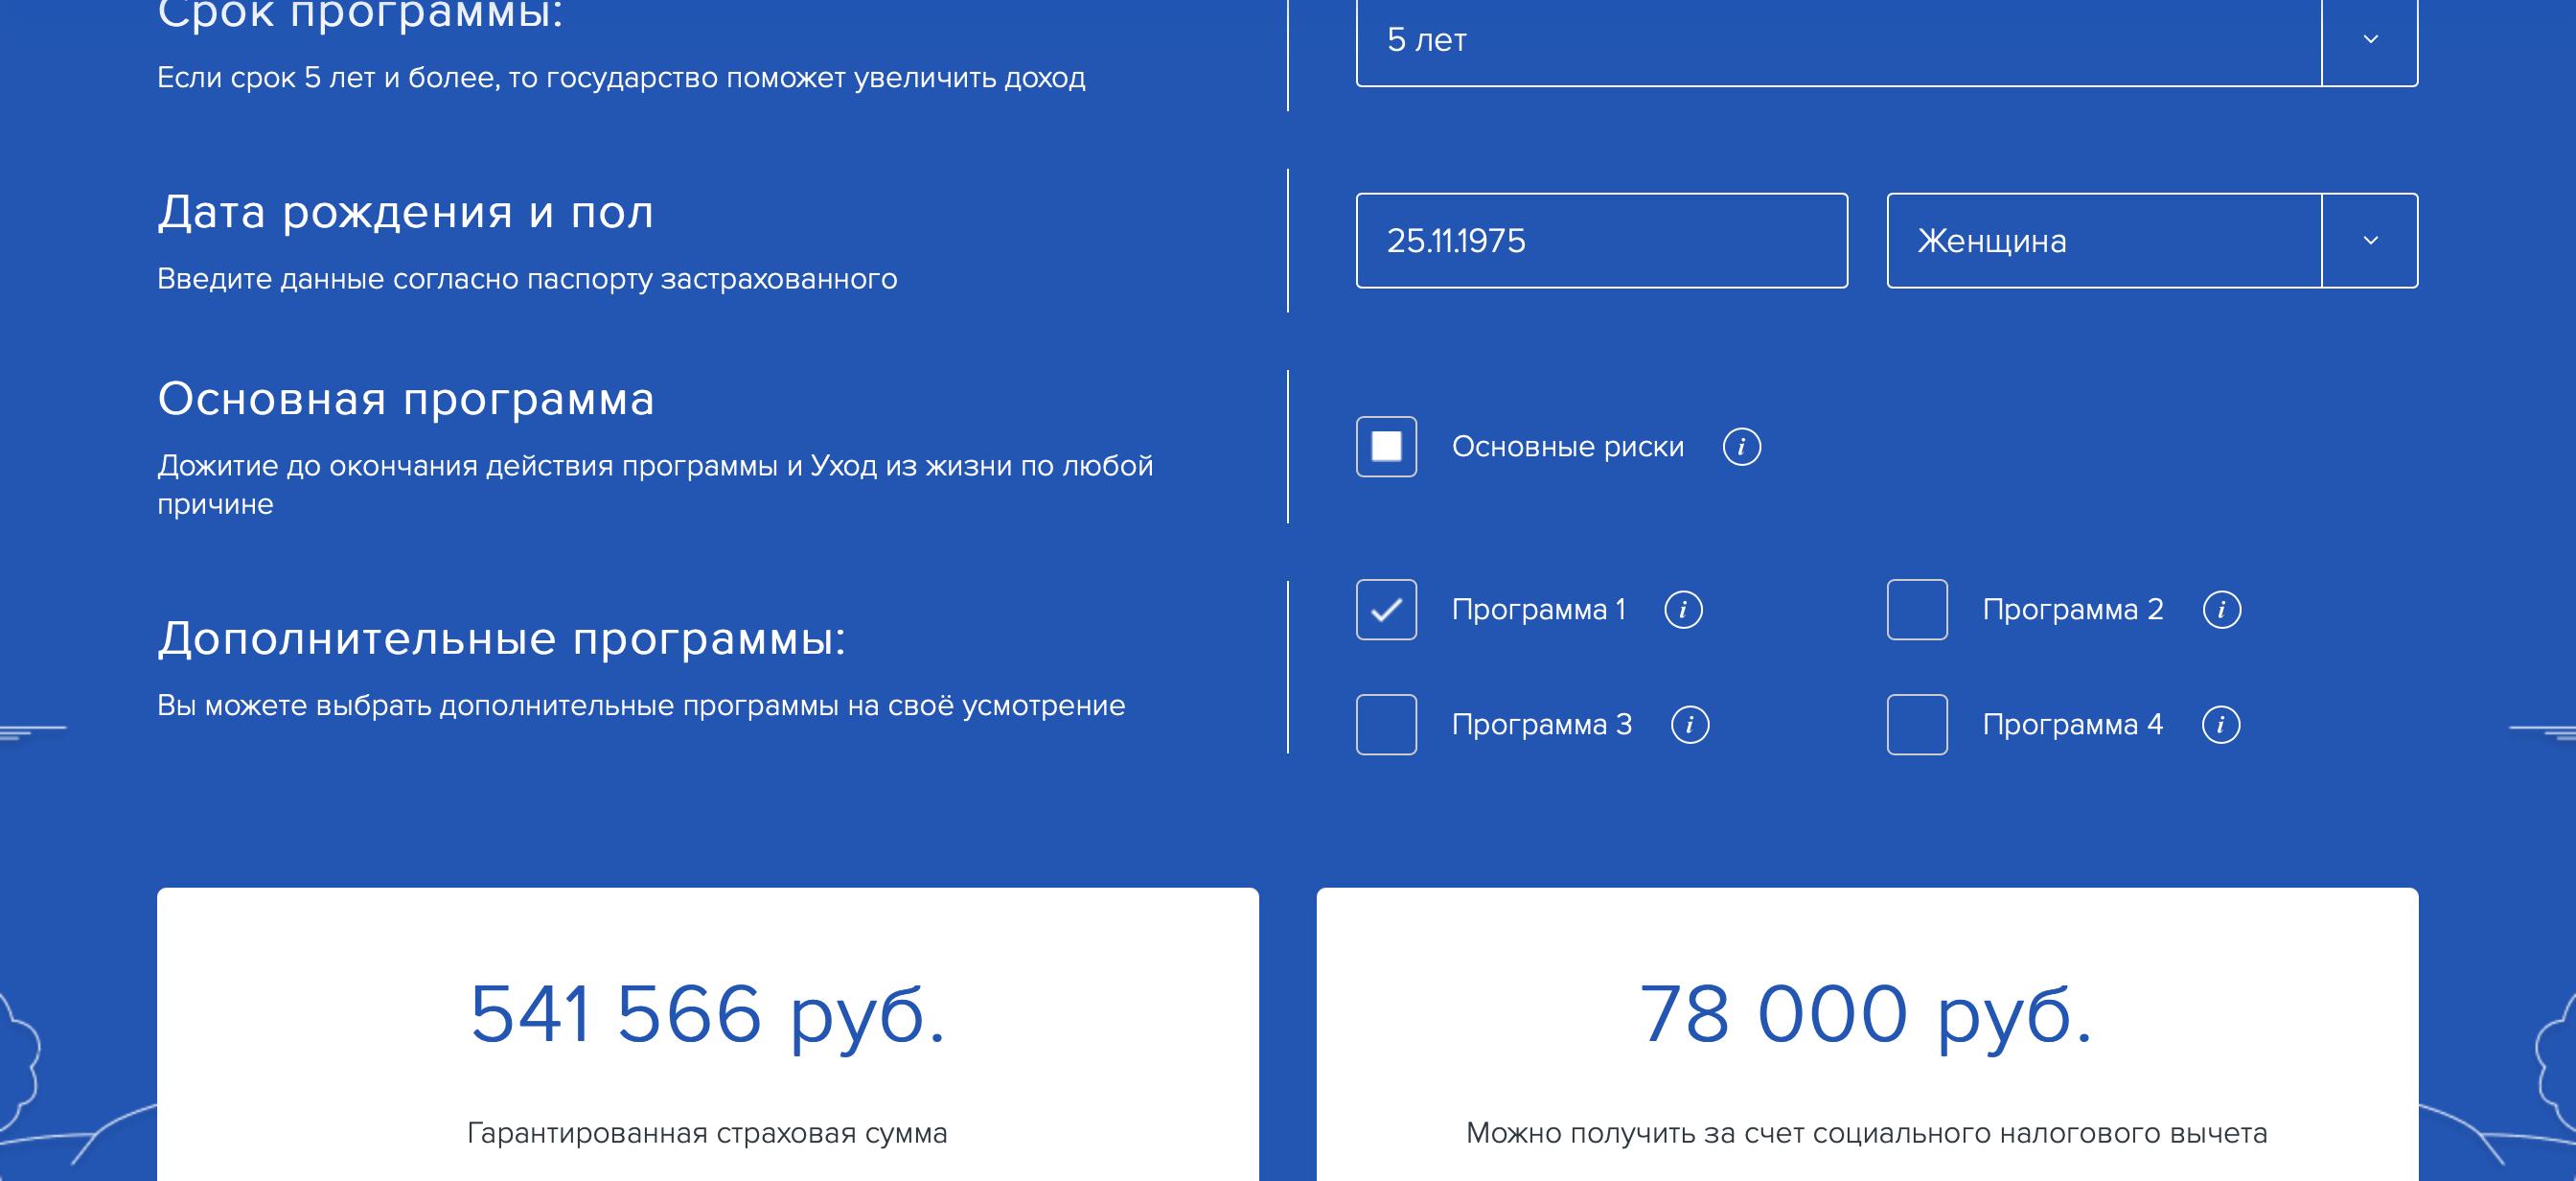 Оформить накопительное страхование жизни онлайн от 100 рублей в день